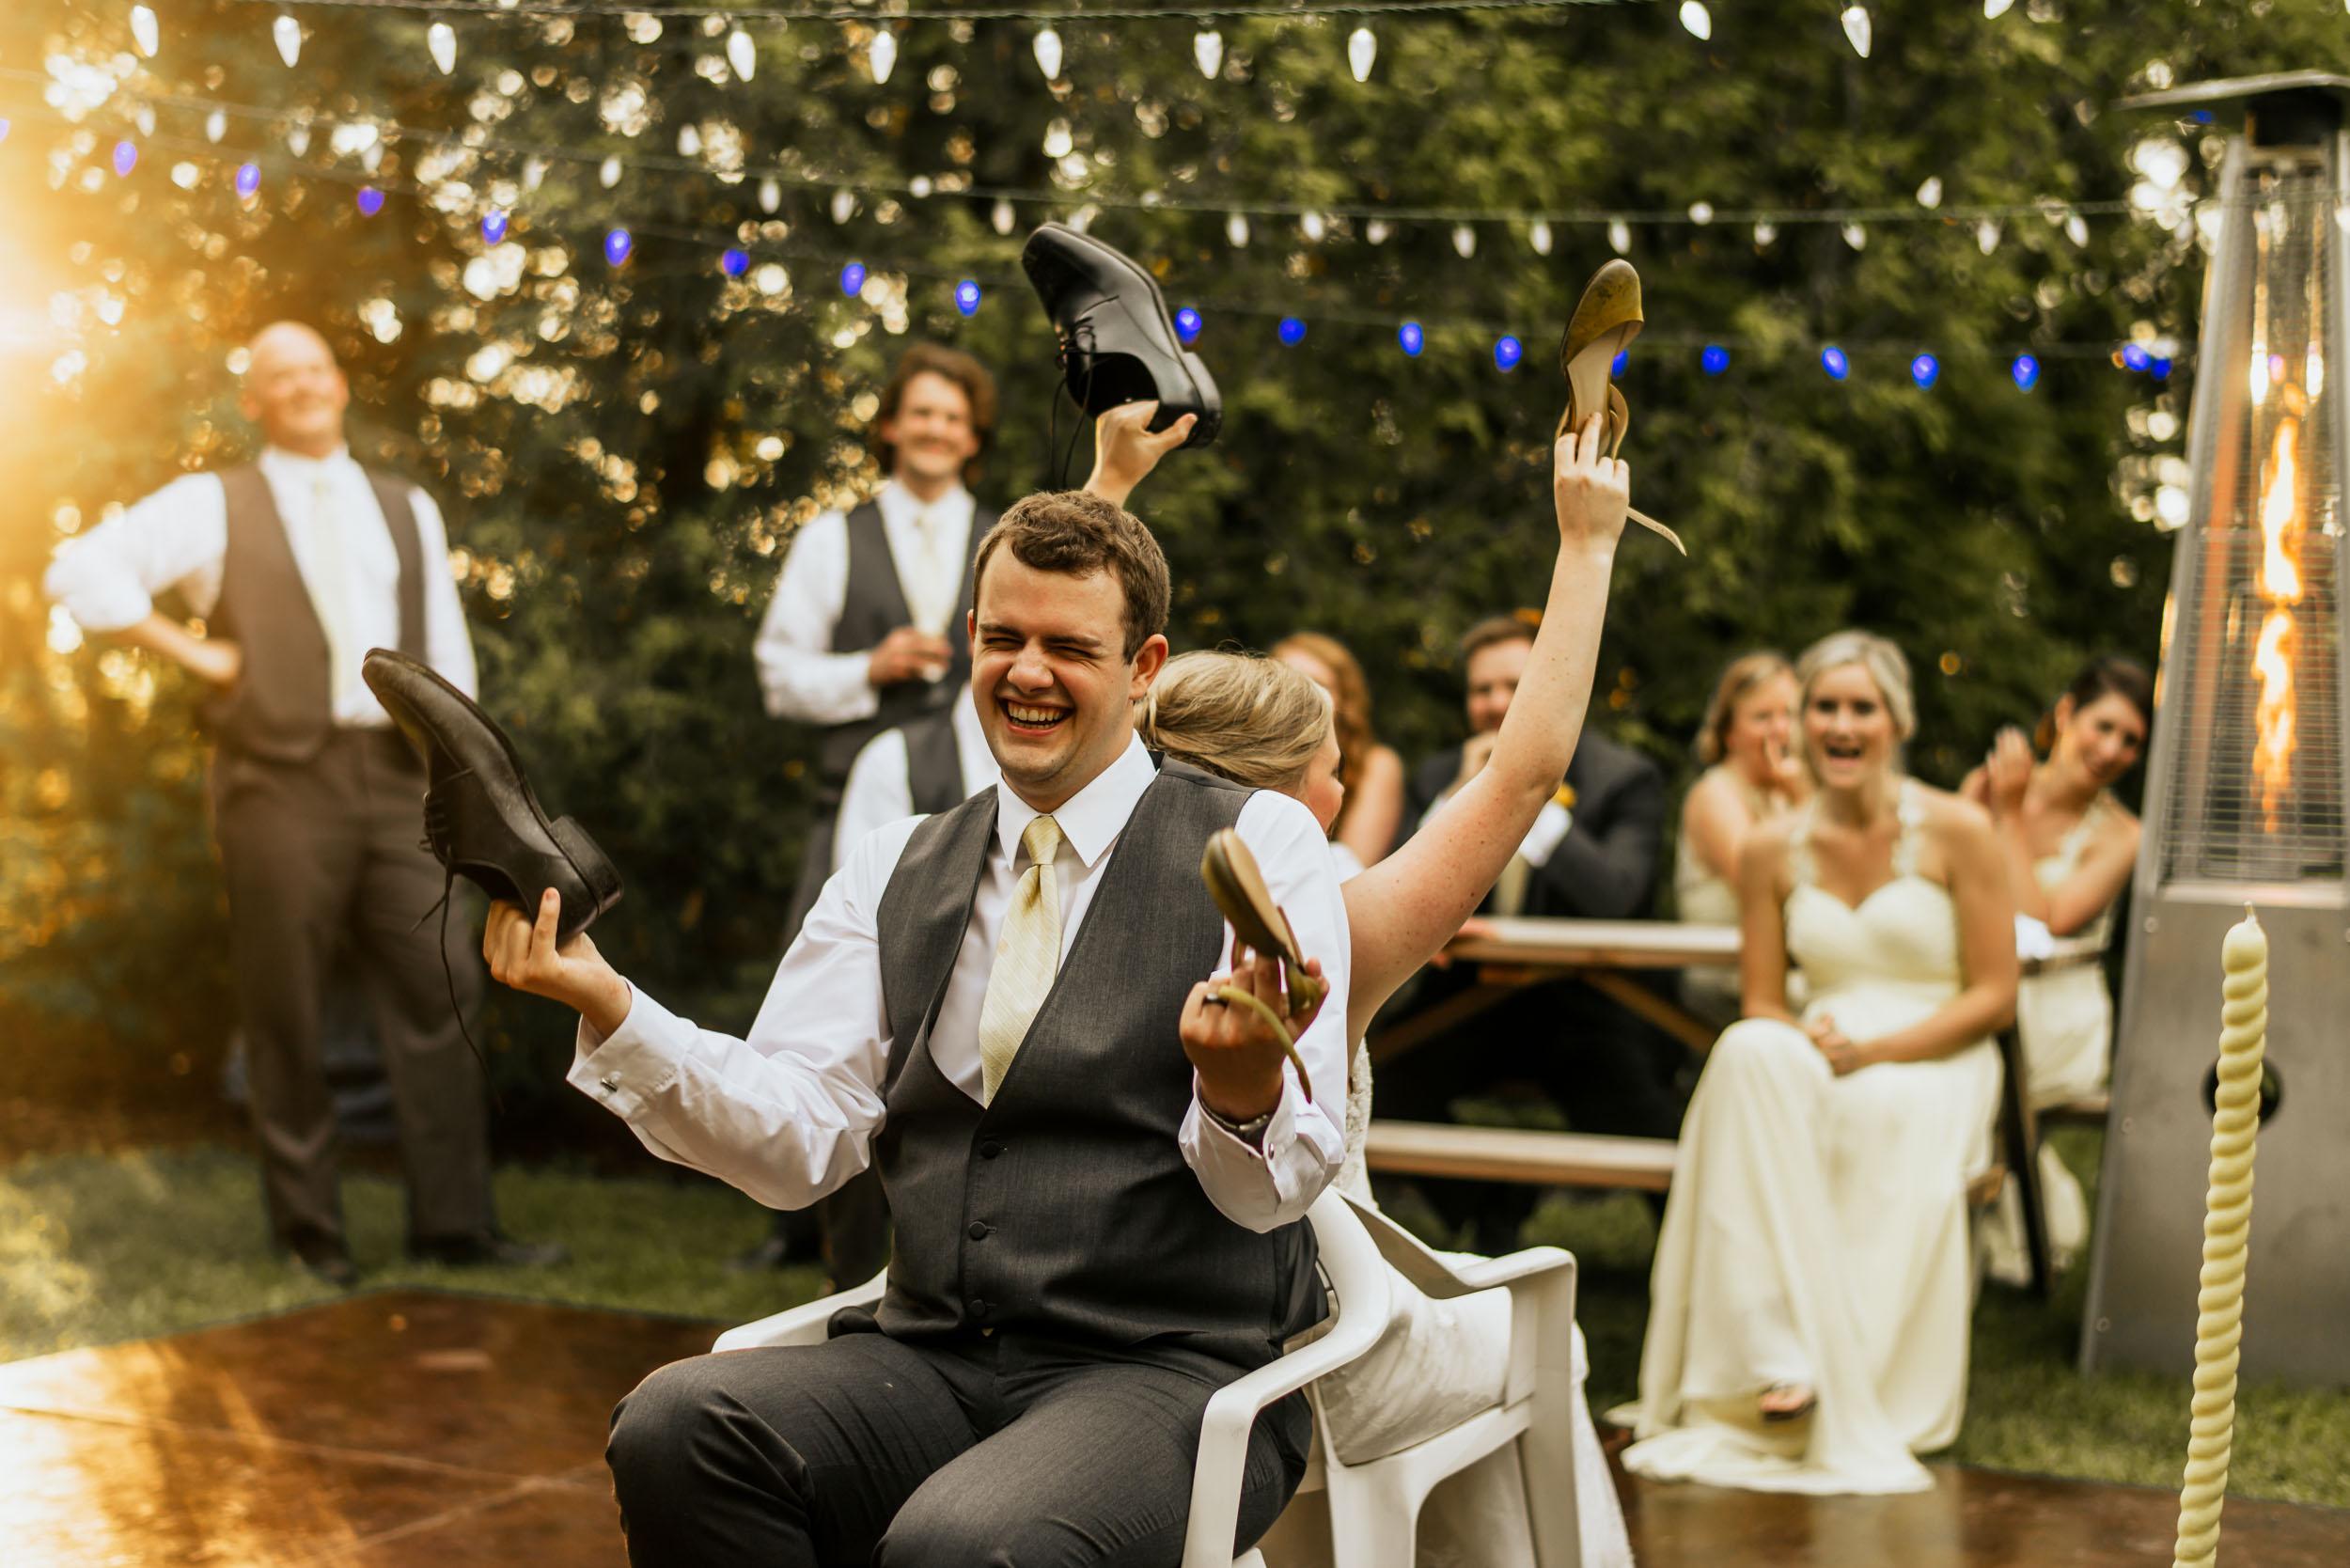 wedding-photography-stratford-davidiam-136.jpg